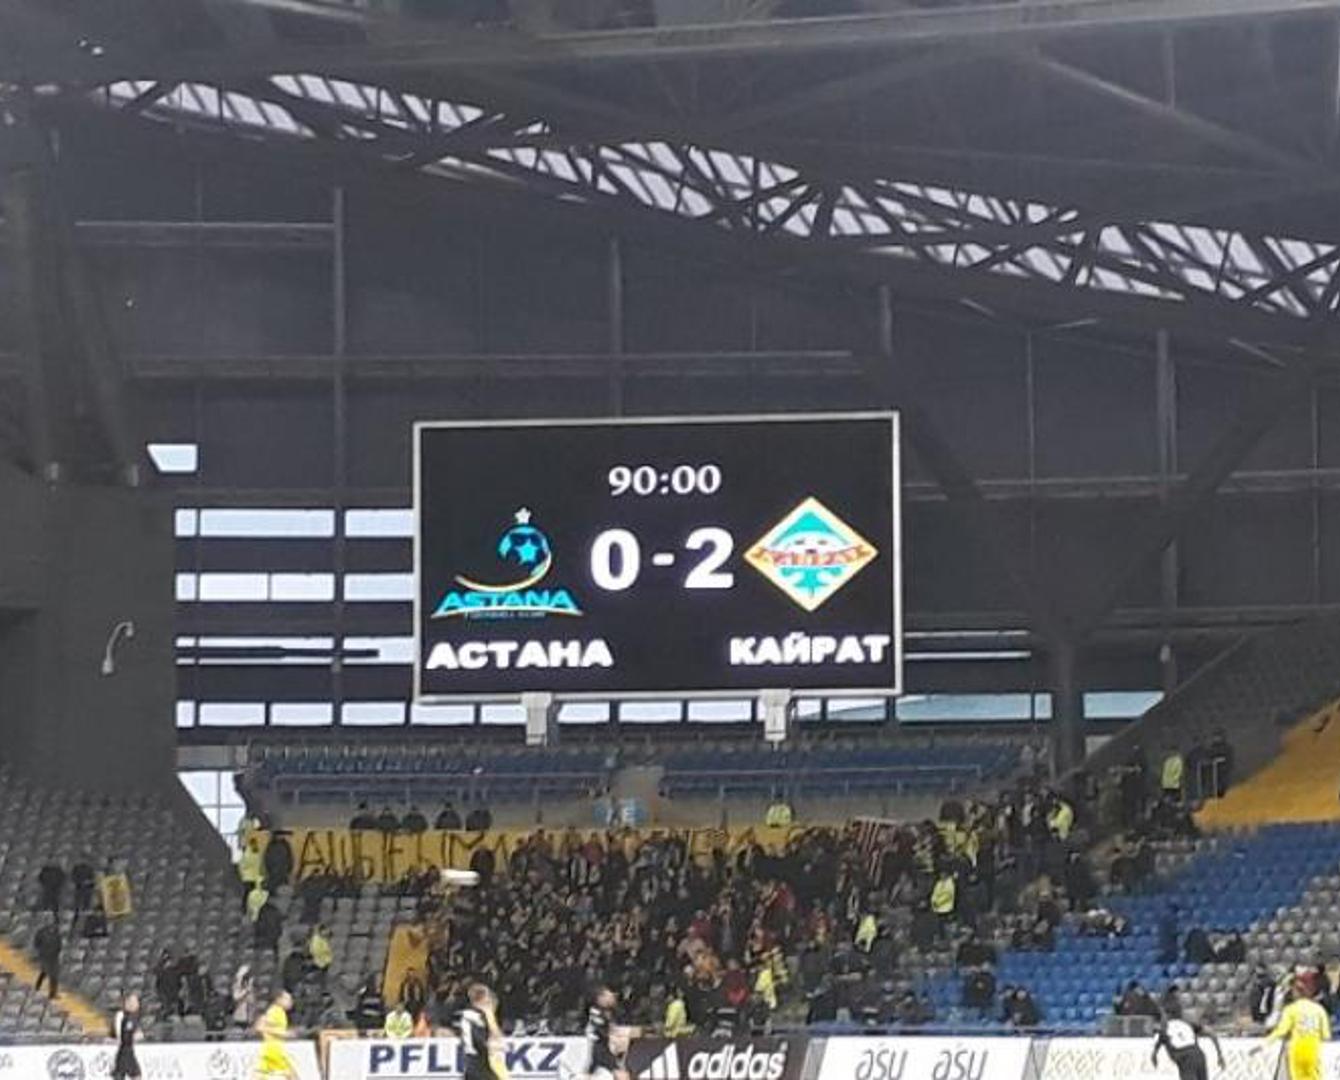 Чемпиондық бәсеке қыза түсті: «Астана» «Қайраттан» жеңіліп қалды